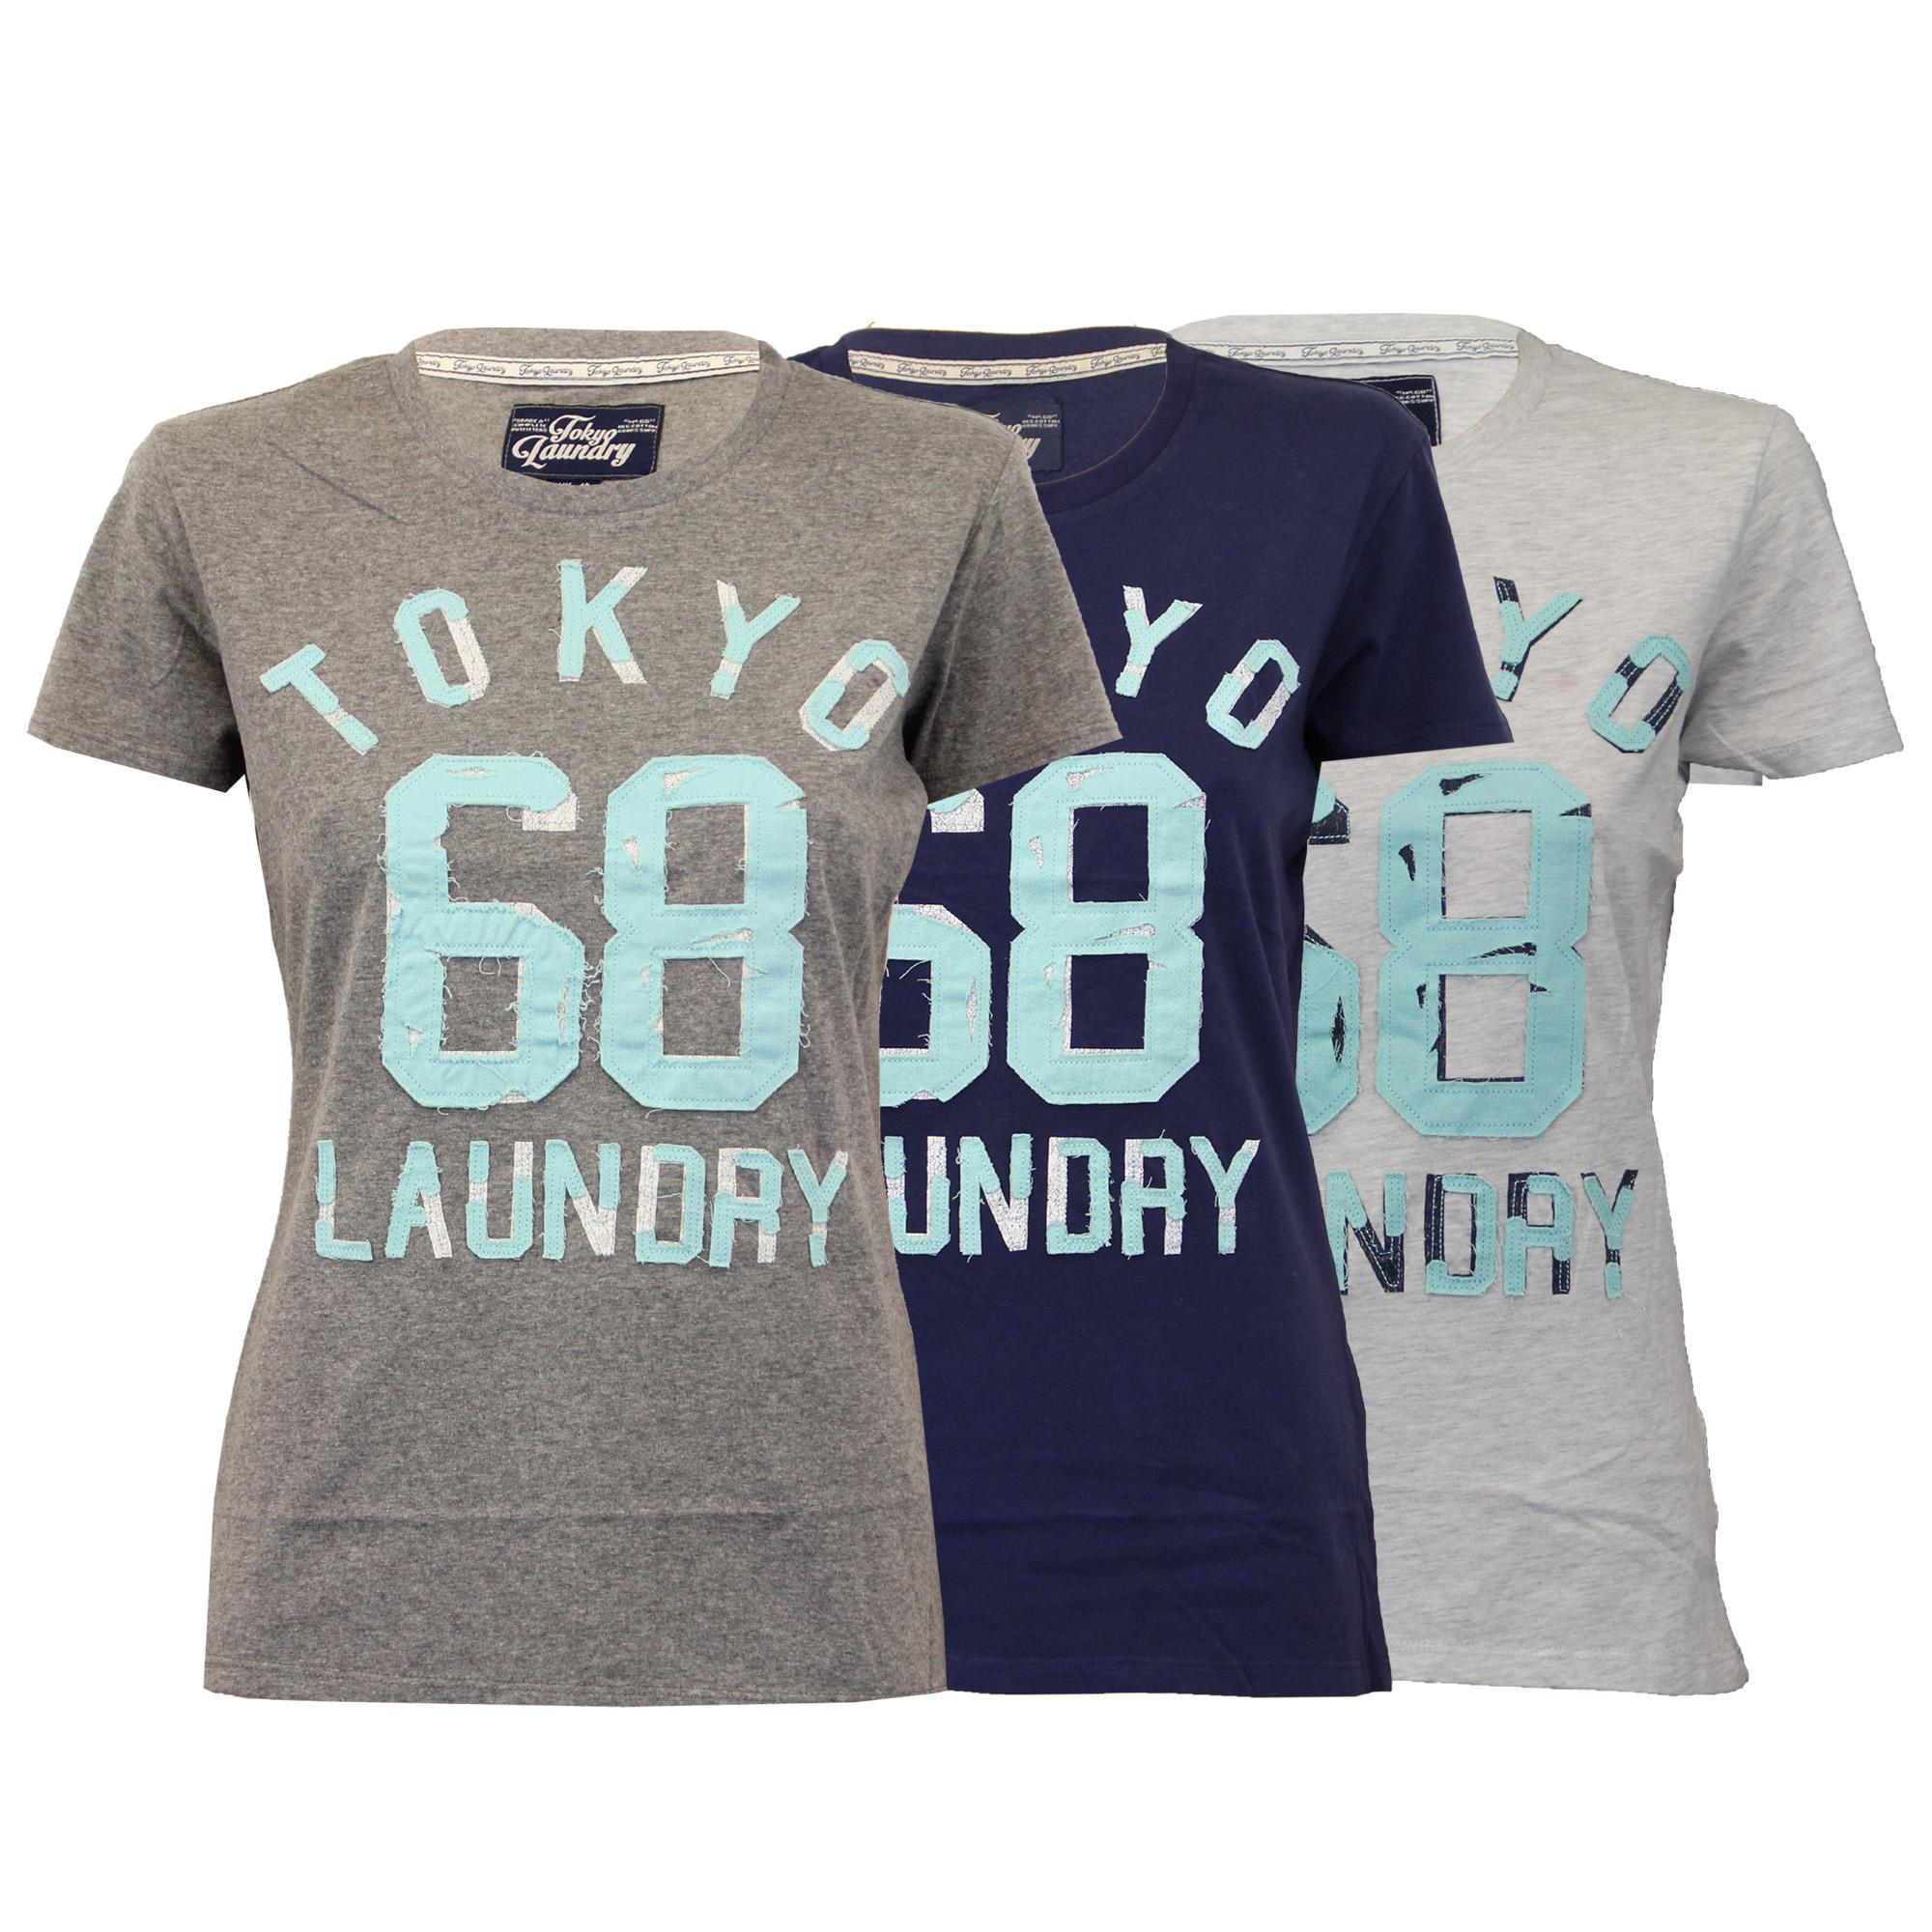 Haut-Femme-Tokyo-Laundry-T-Shirt-Femme-Mancheron-Ras-de-Cou-Retro-Ete-Neuf